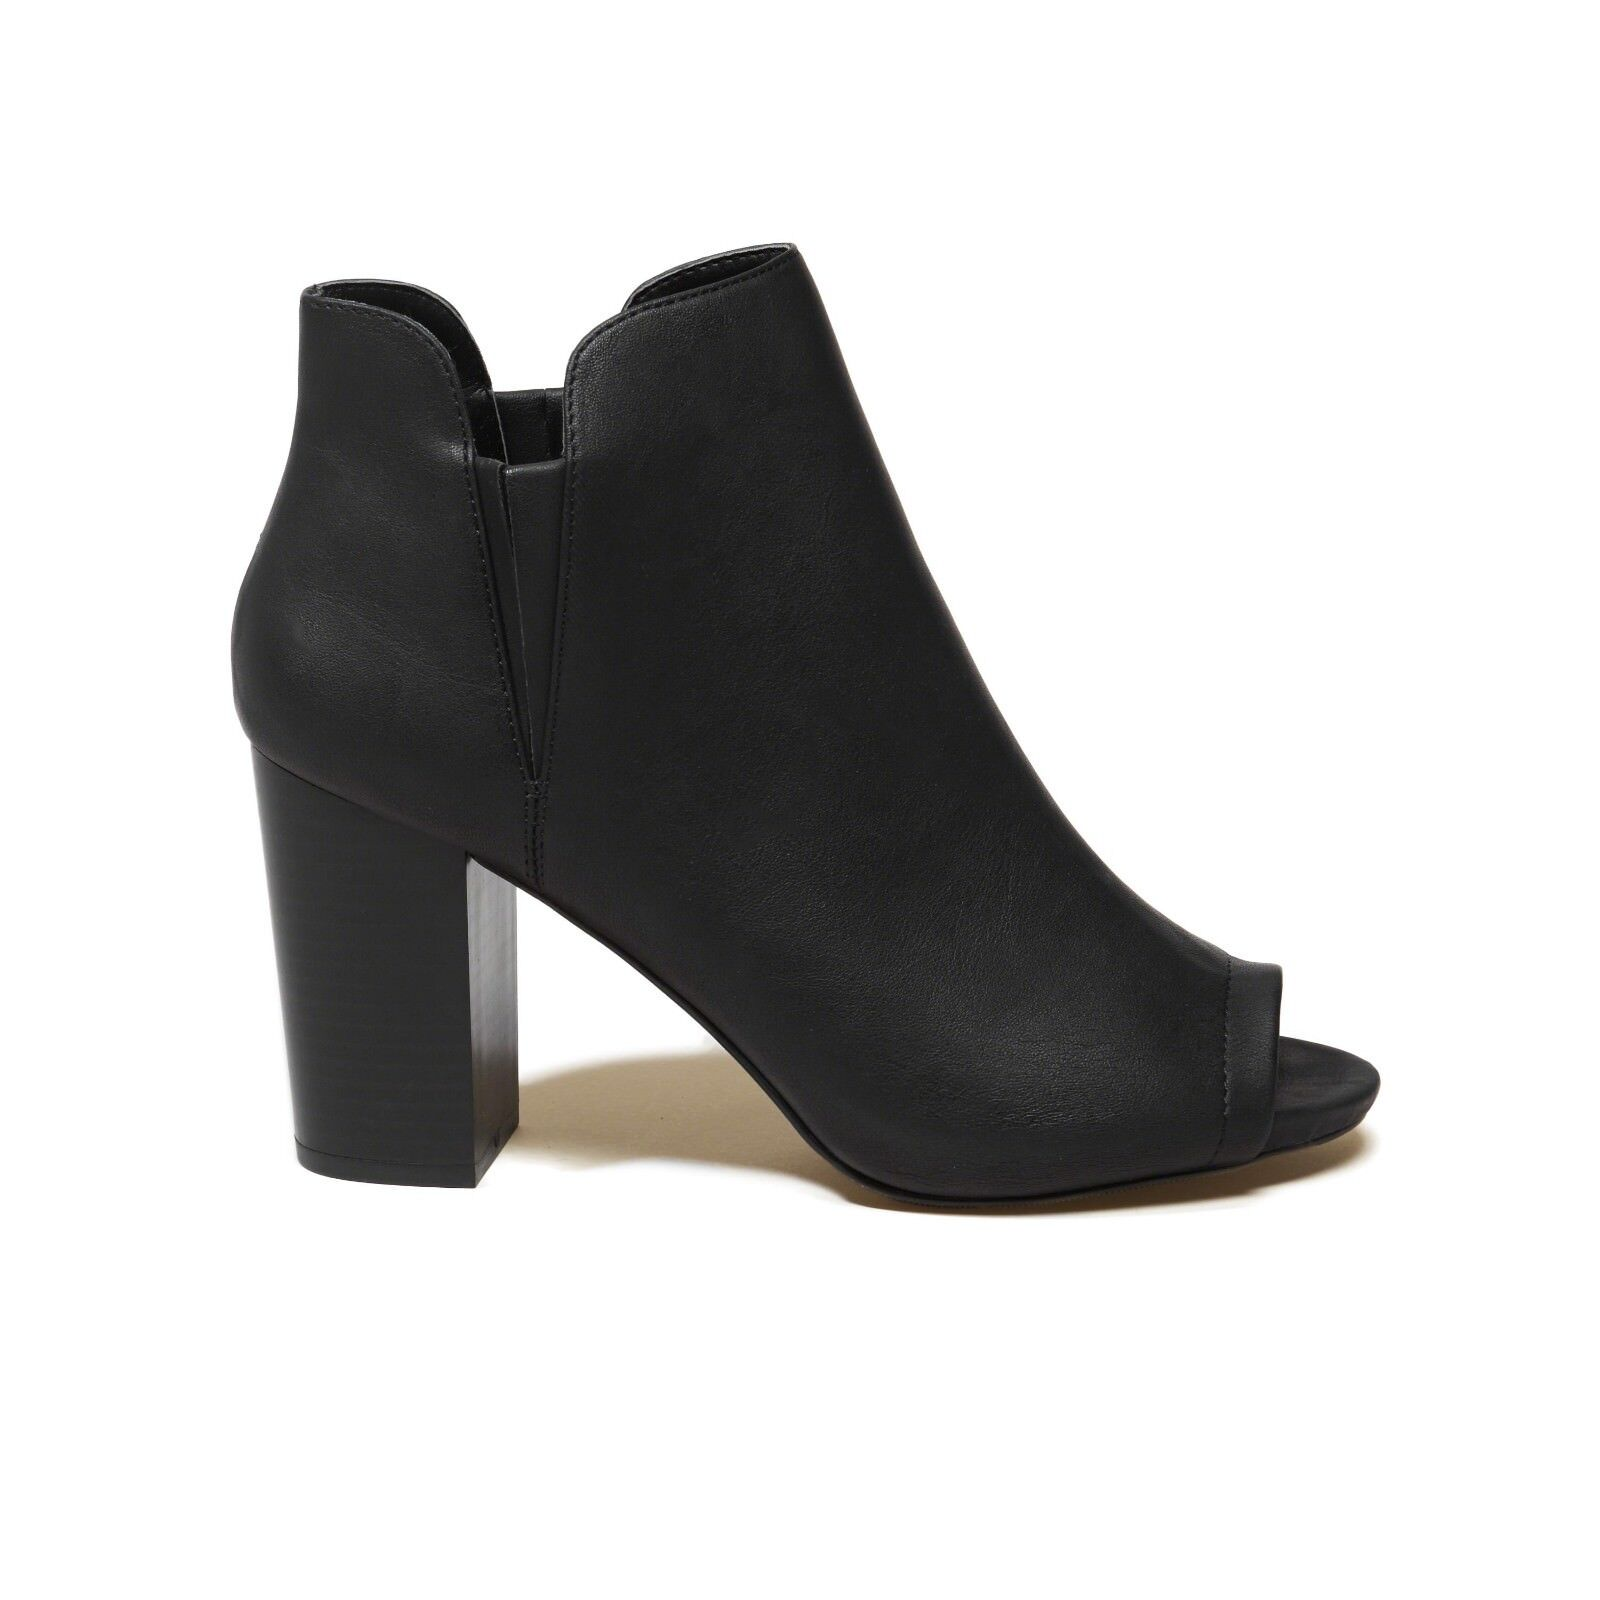 Madden Girl Fiizzle Women's Ankle Boots Black Paris